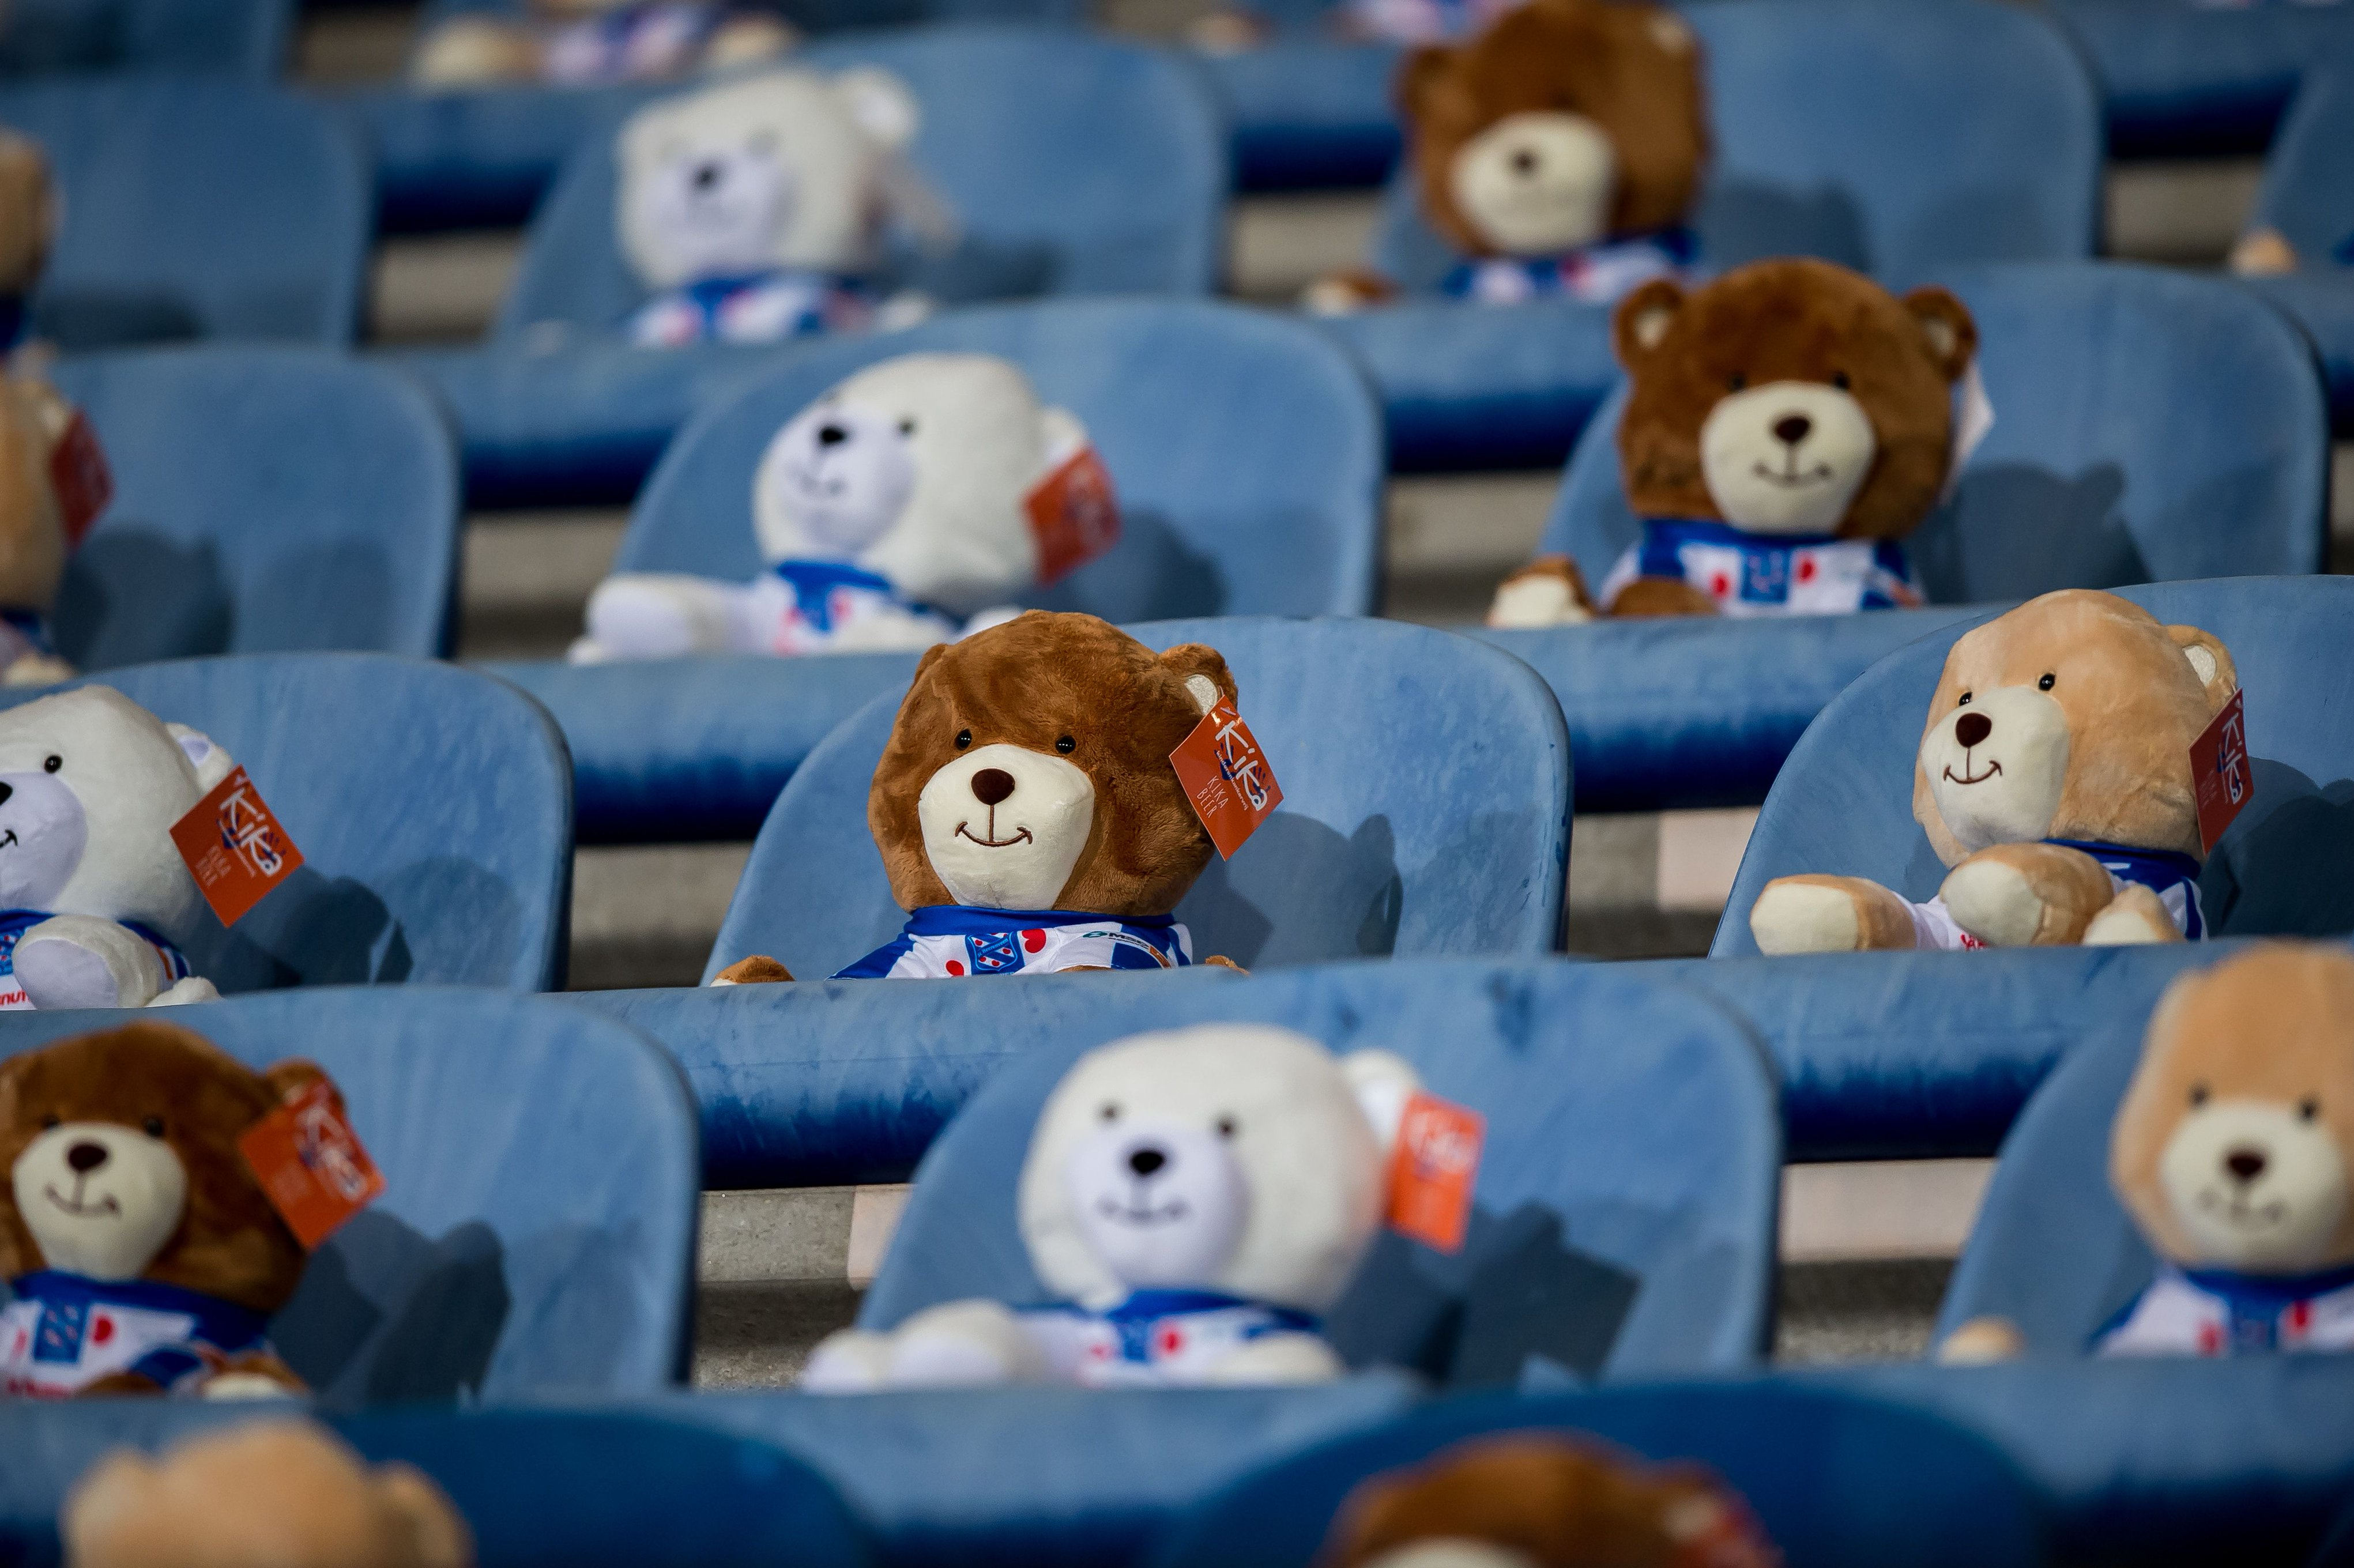 خبرگزاری فارس – اقدام جالب باشگاه هیرنفین/۱۵ هزار عروسک در ورزشگاه برای حمایت از کودکان سرطانی+عکس